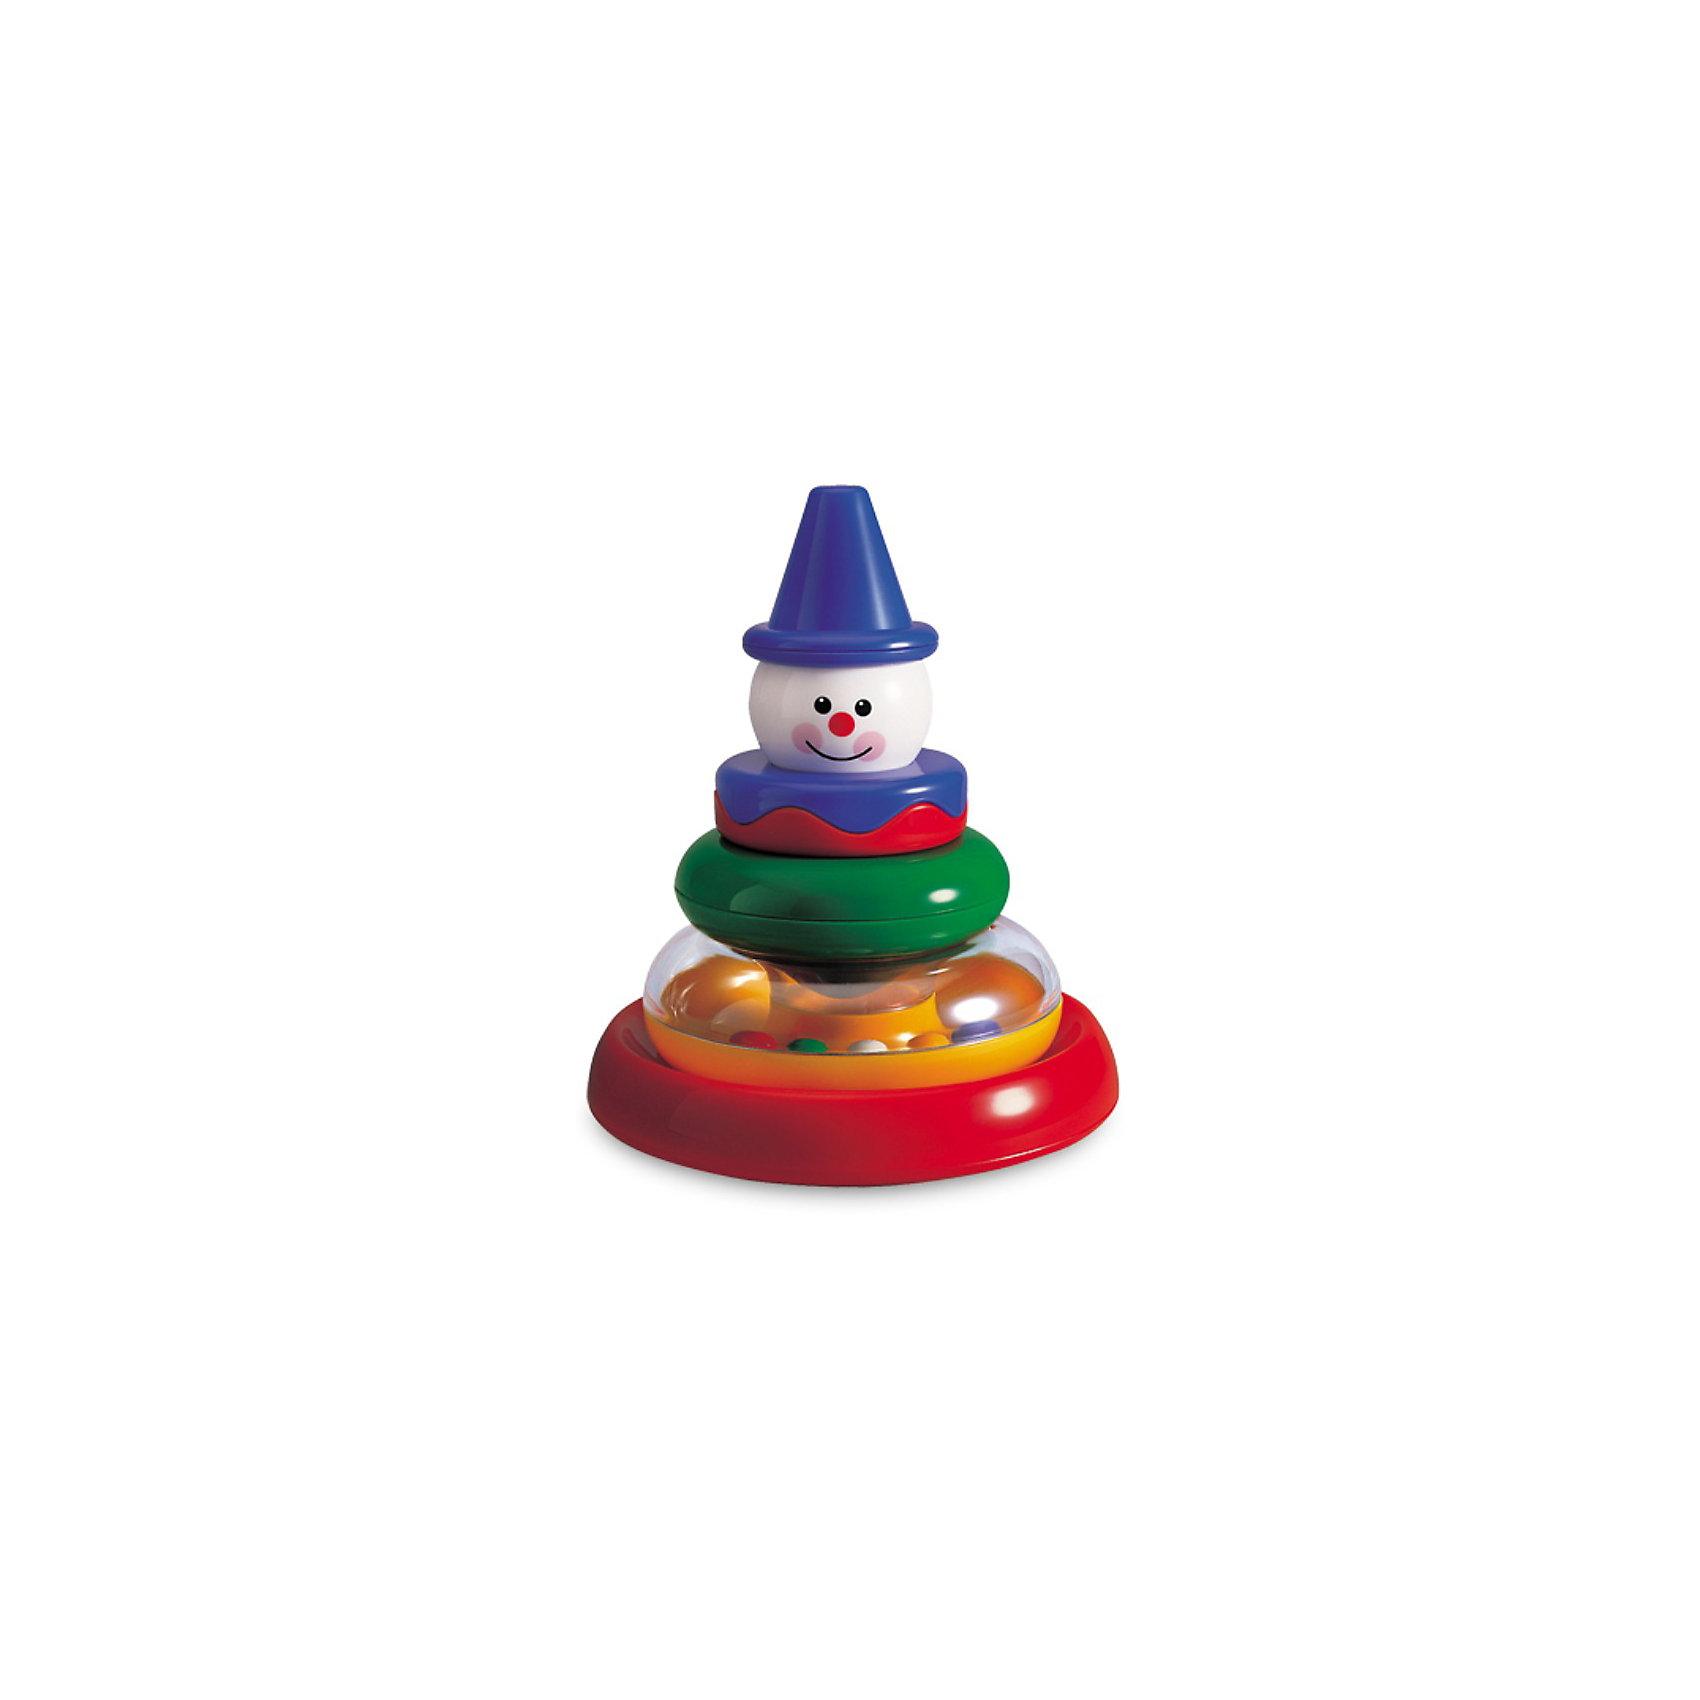 TOLO Пирамидка Клоун, TOLO CLASSIC набор развивающий tolo toys динозавры